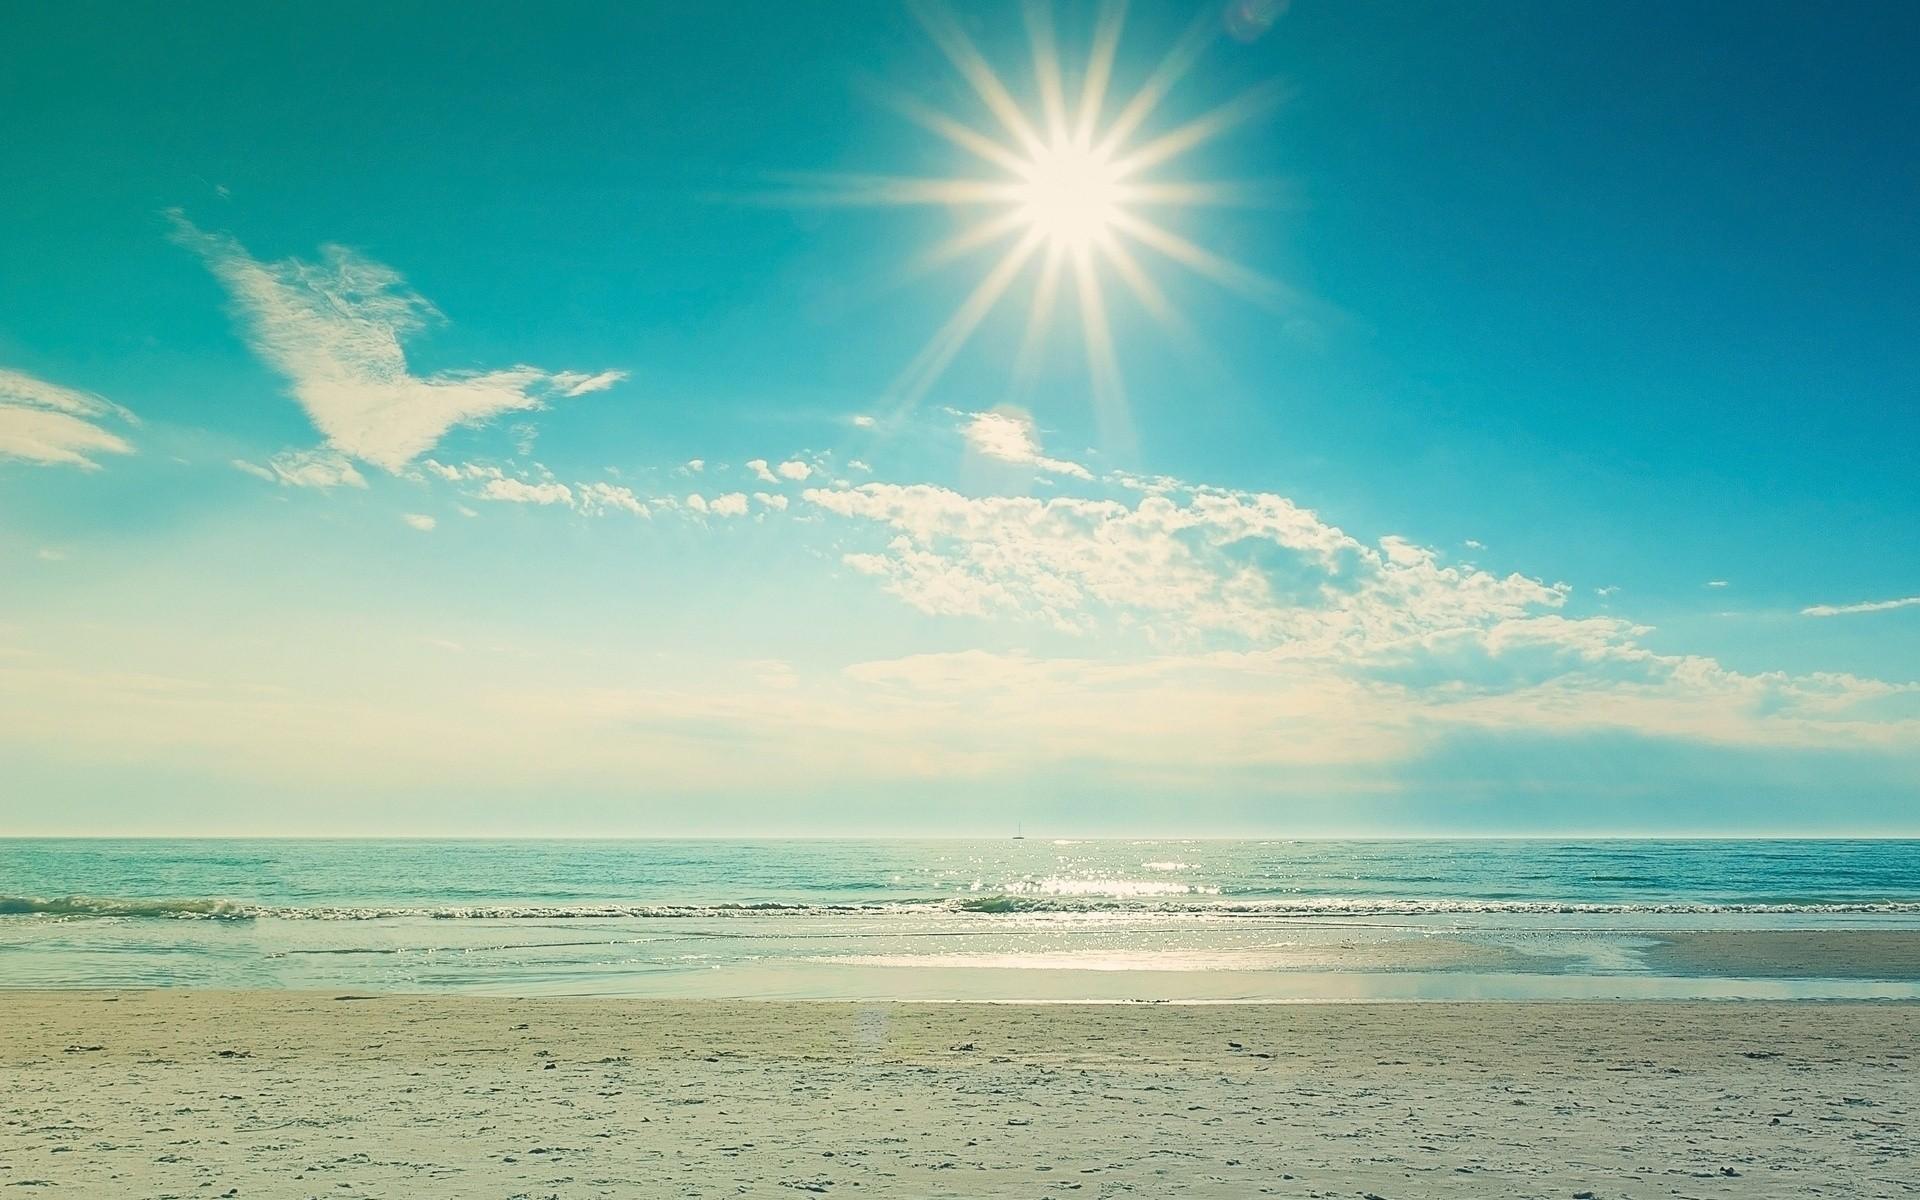 Фото картинки море солнце